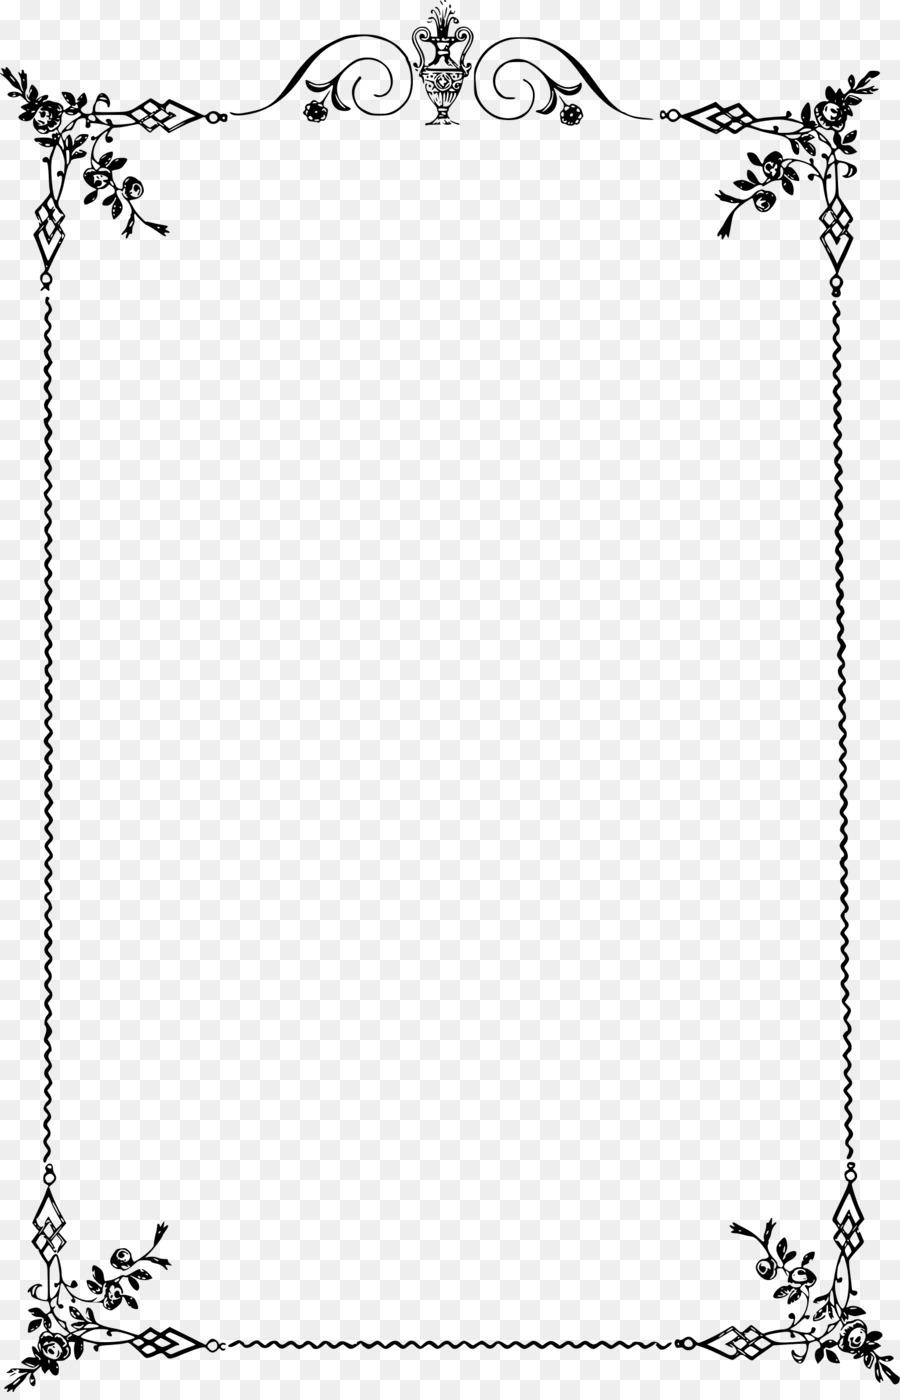 Borders and Frames Classic Clip Art Clip art - Elegant frame png ...